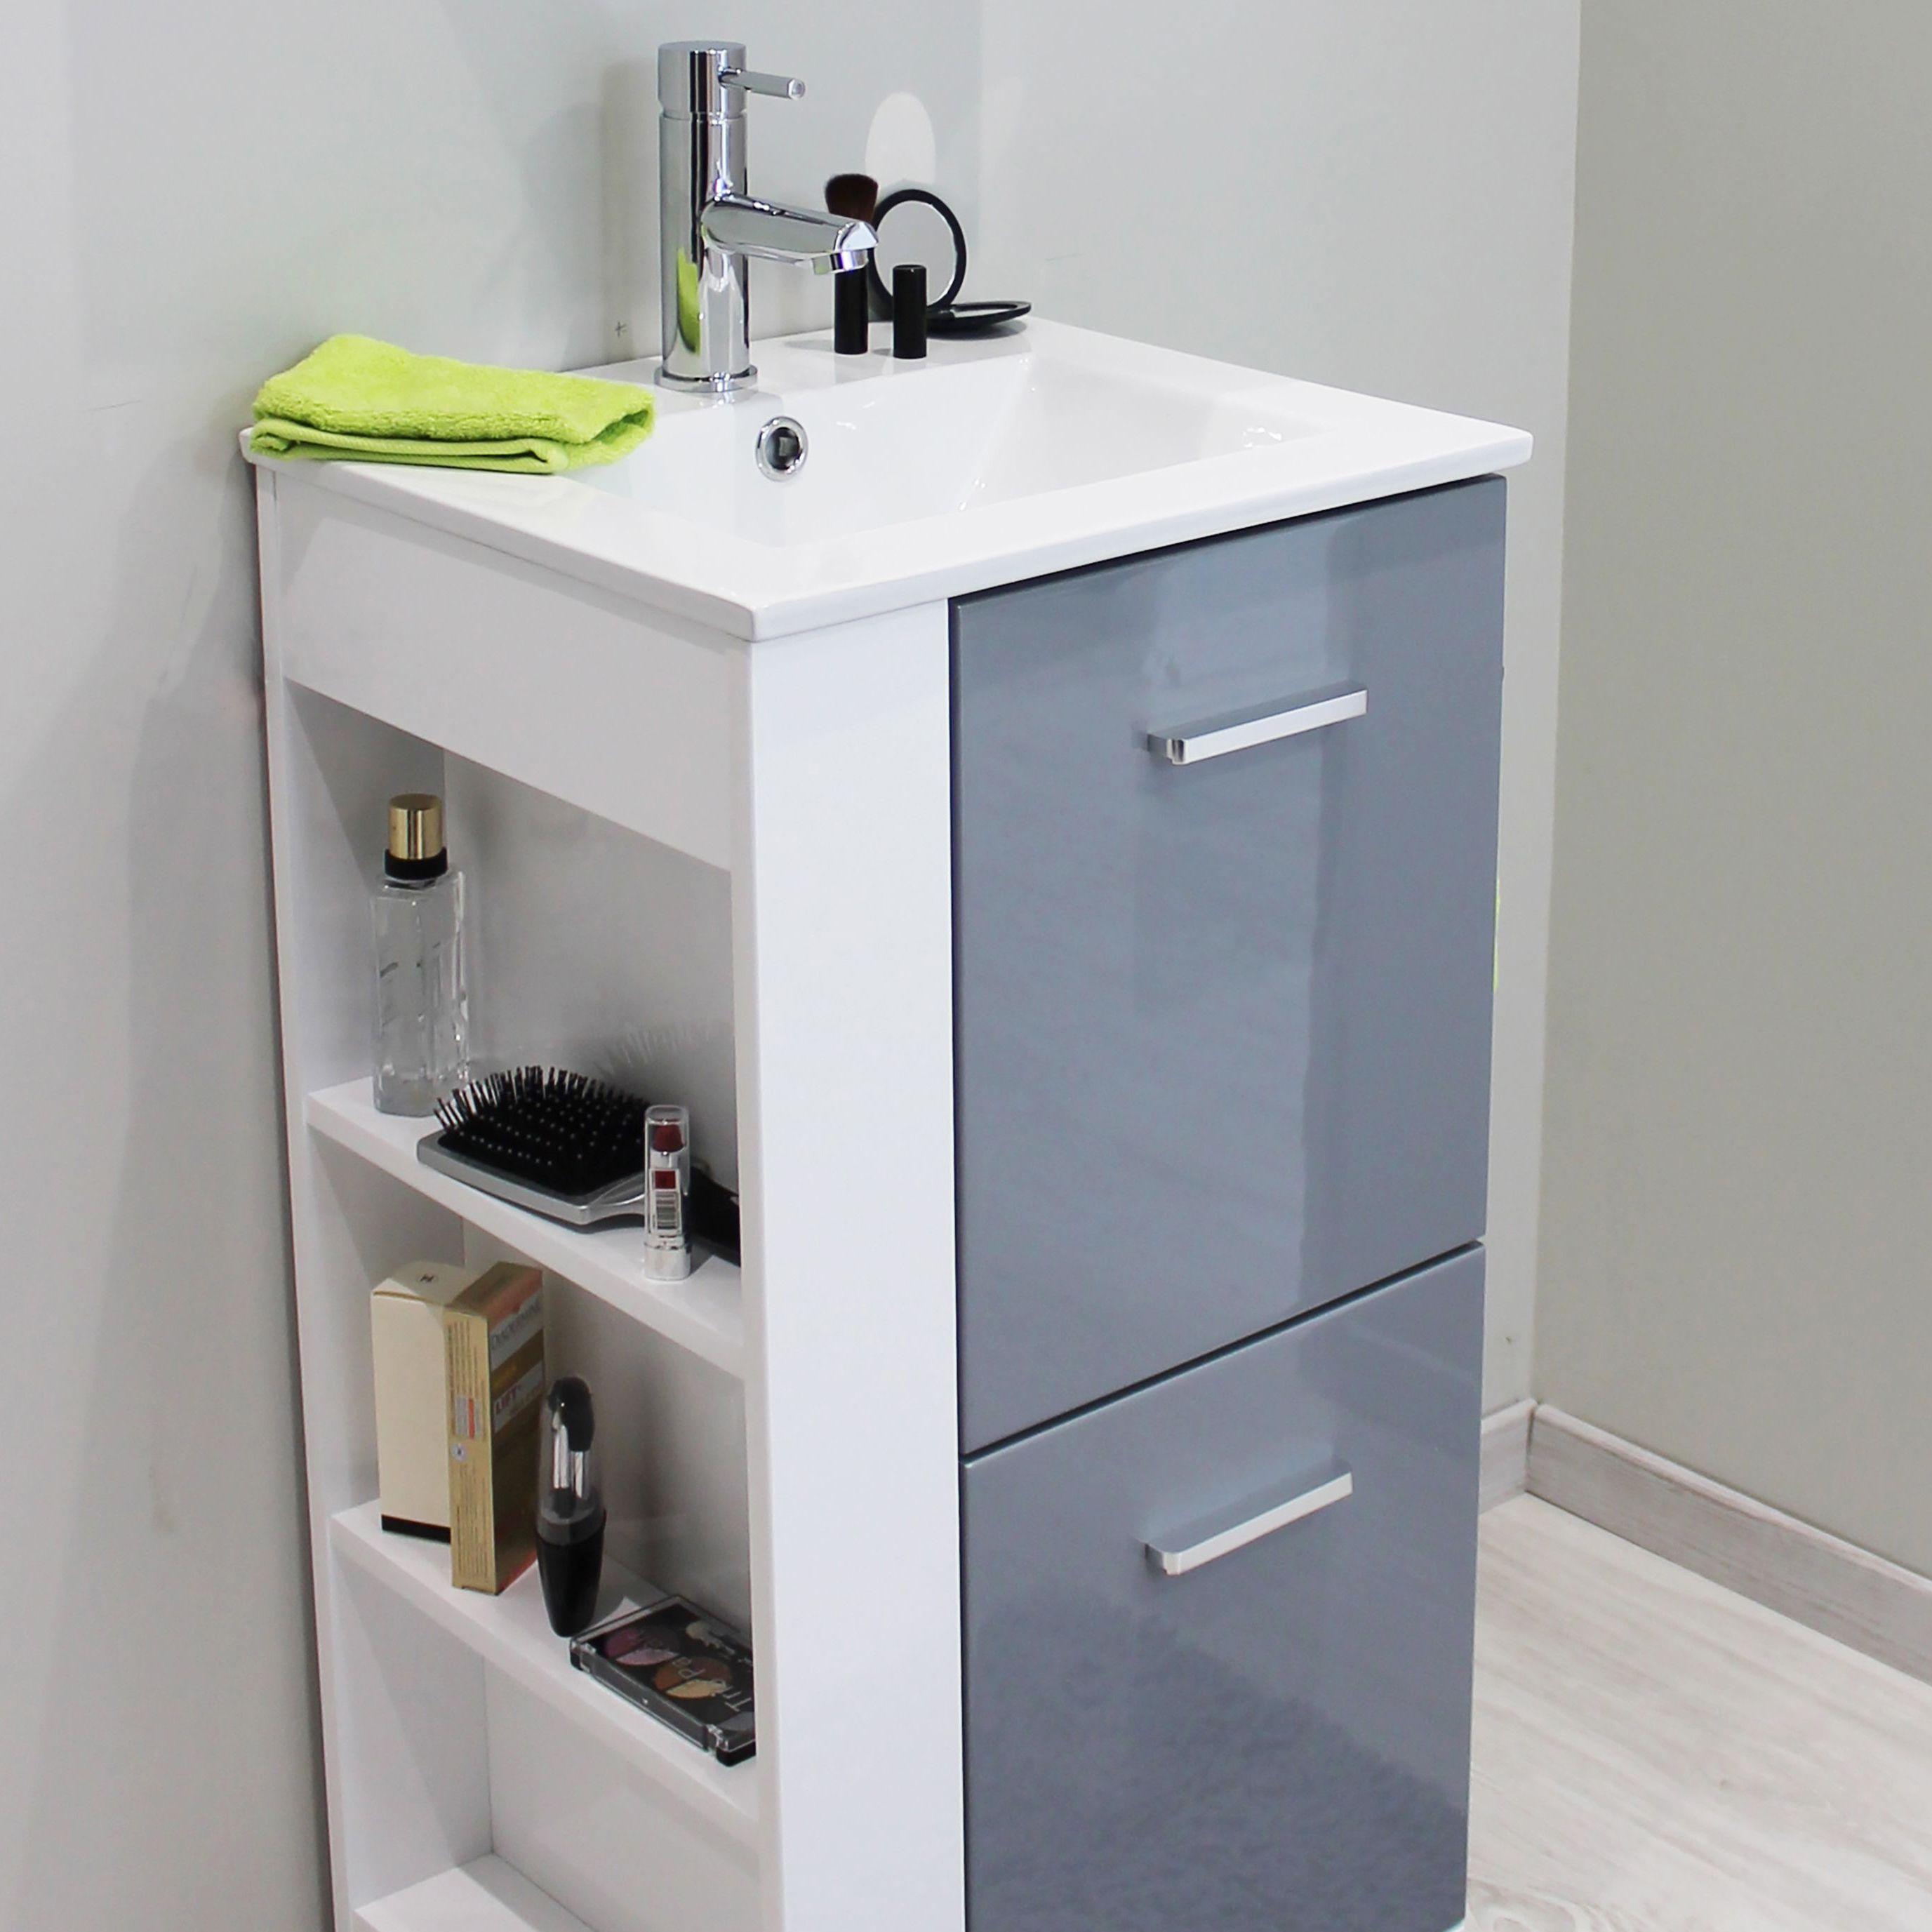 Bathroom Storage Furniture Saveemail Bathroom Furniture